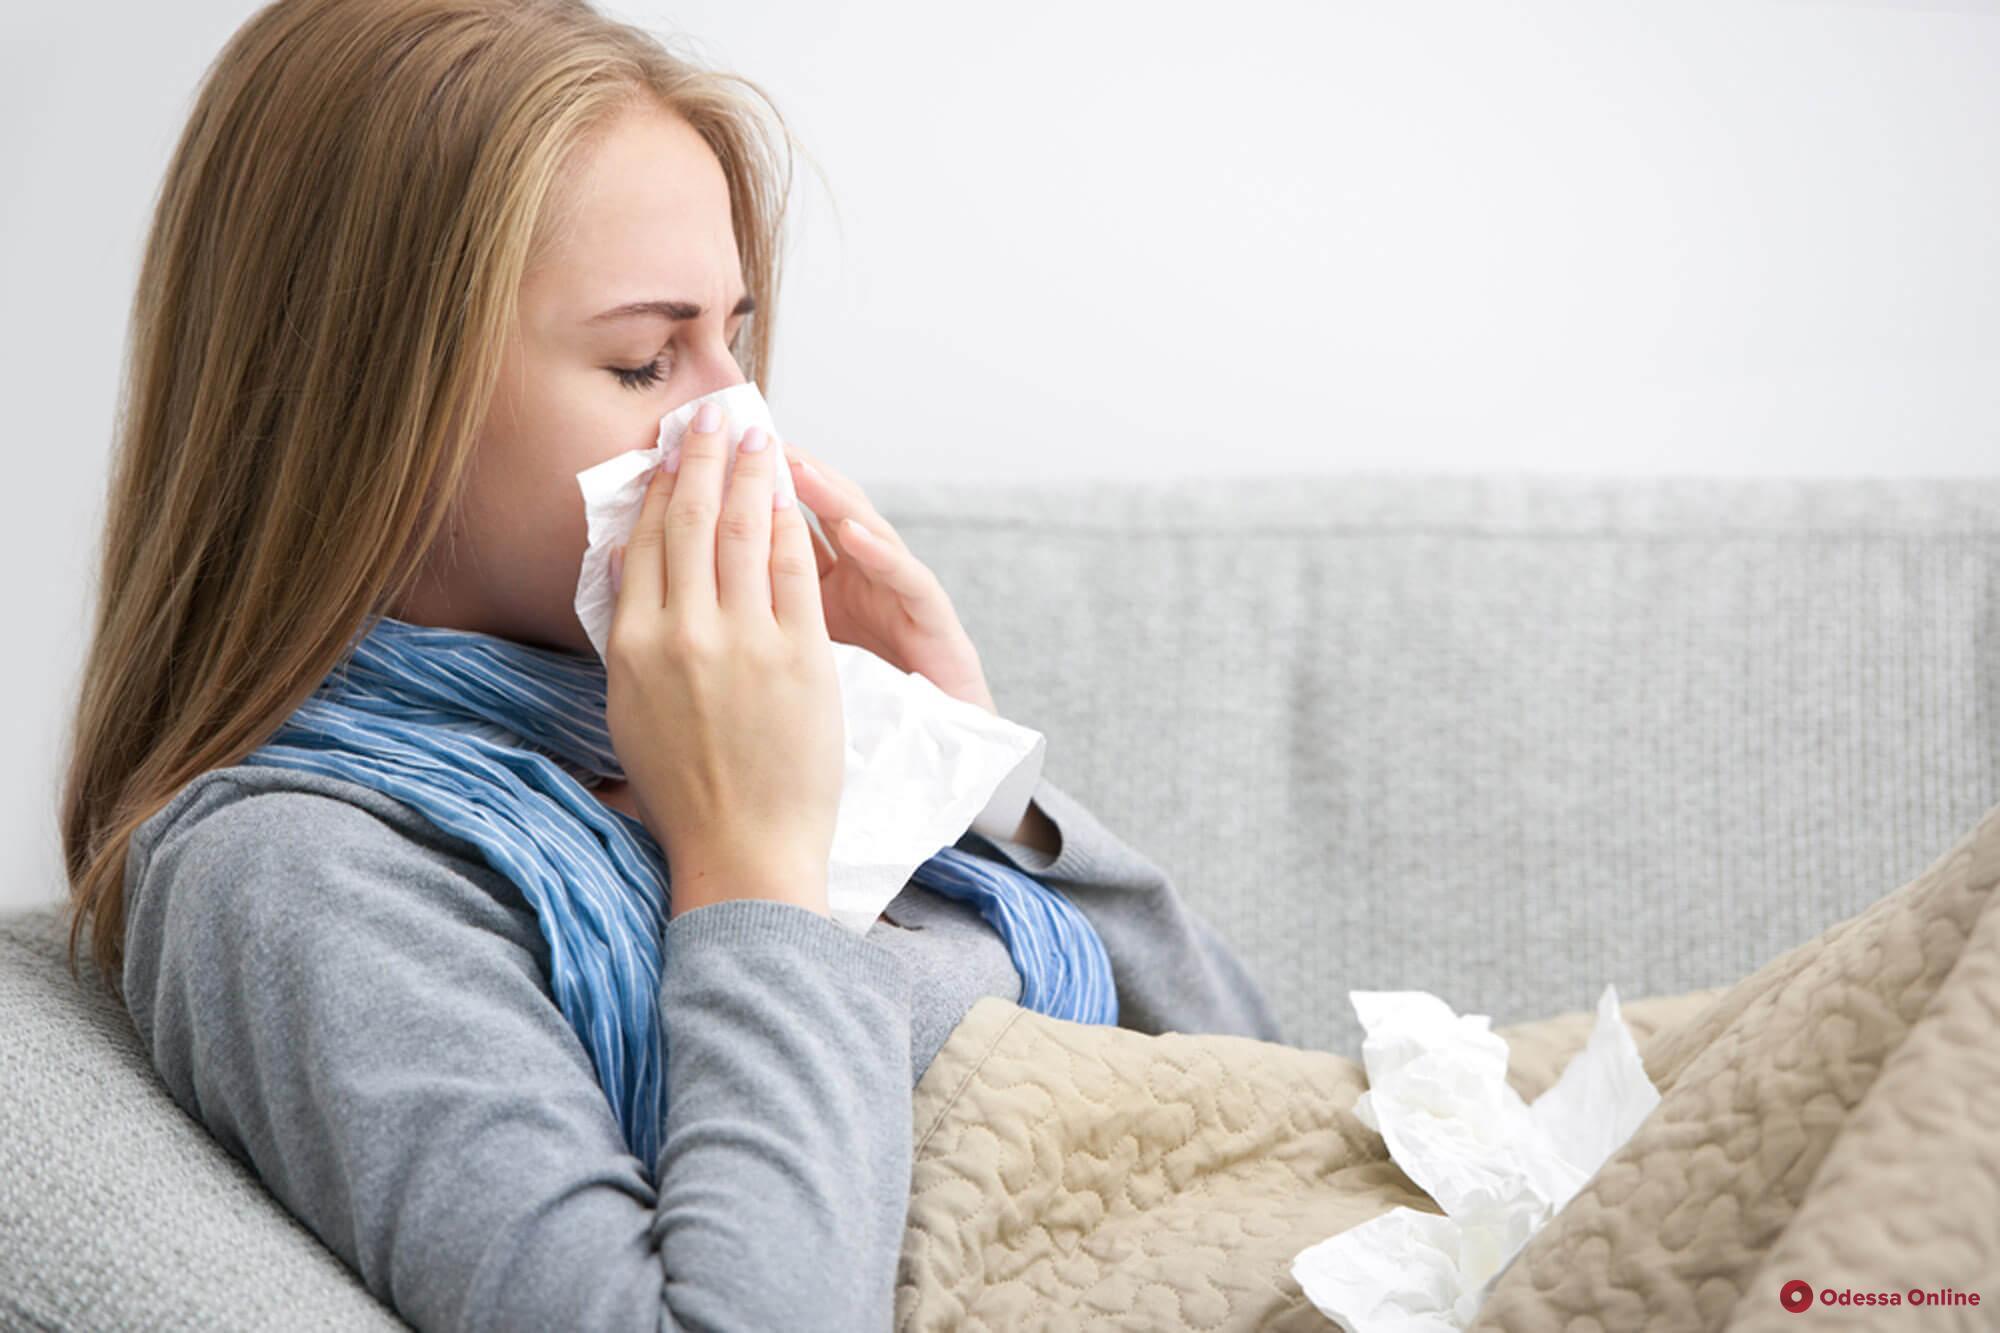 В Одессе продолжает снижаться заболеваемость гриппом и ОРВИ